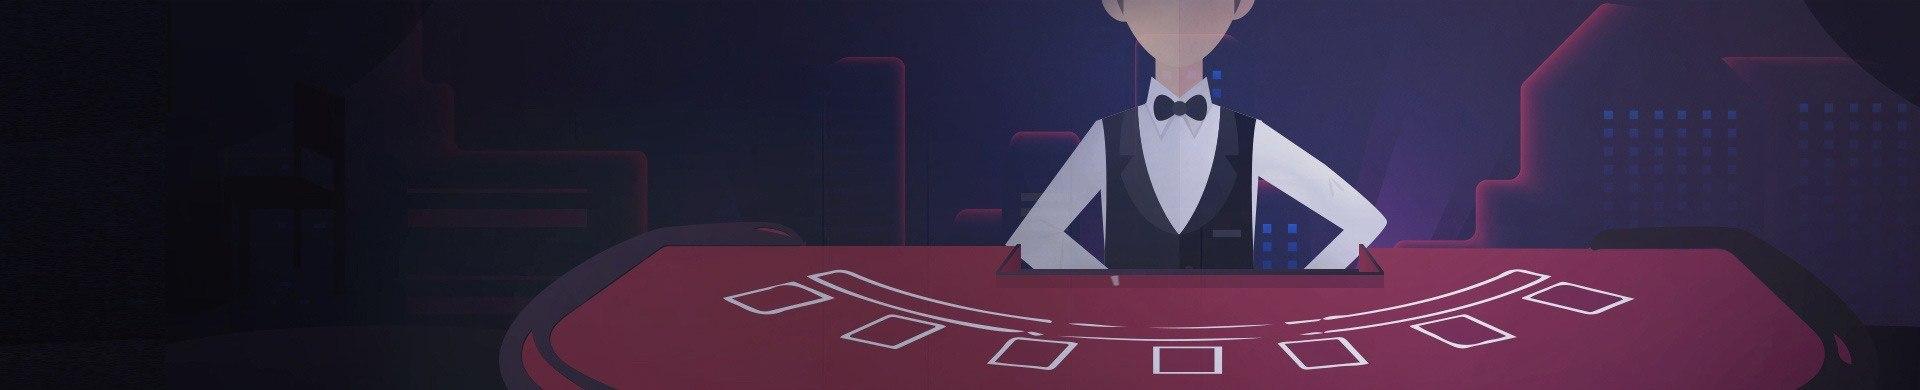 Beliebtestes Glücksspiel Demo - 46283